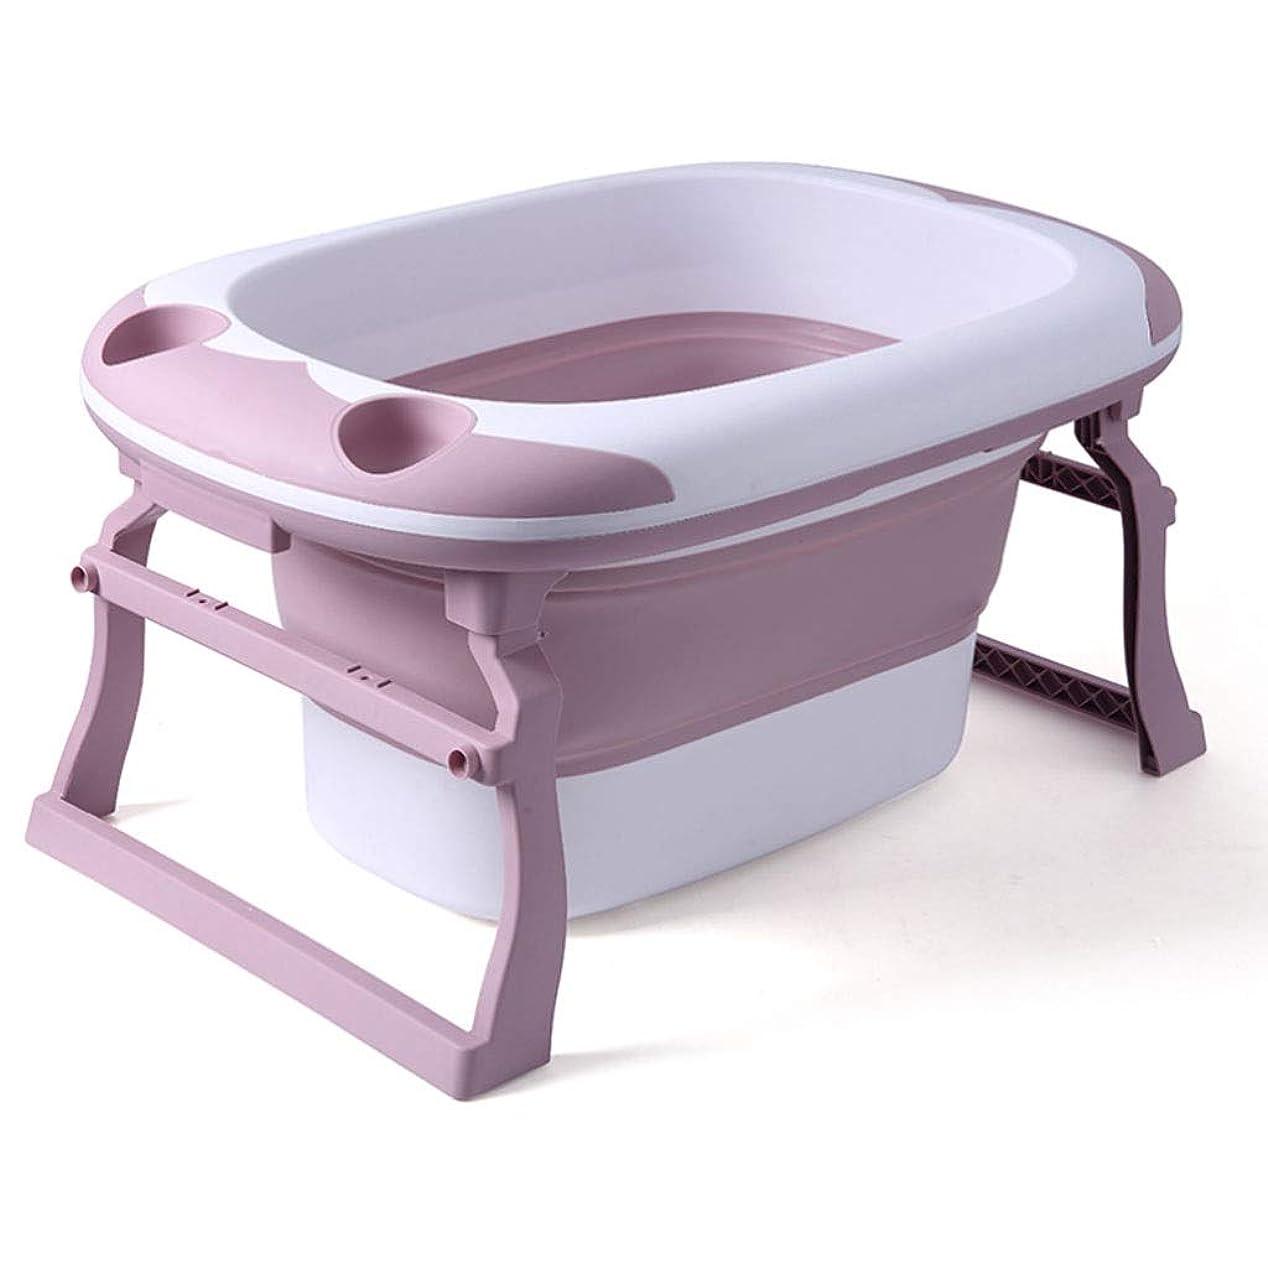 割り当てソーシャルかんがいベビーバスタブ、折り畳み式の子供のバスタブ、プラスチックベビーバスタブ、国内ベビースイミングプール、ダブルドレイン、取り外し可能なビルトインバススツール (Color : Pink)